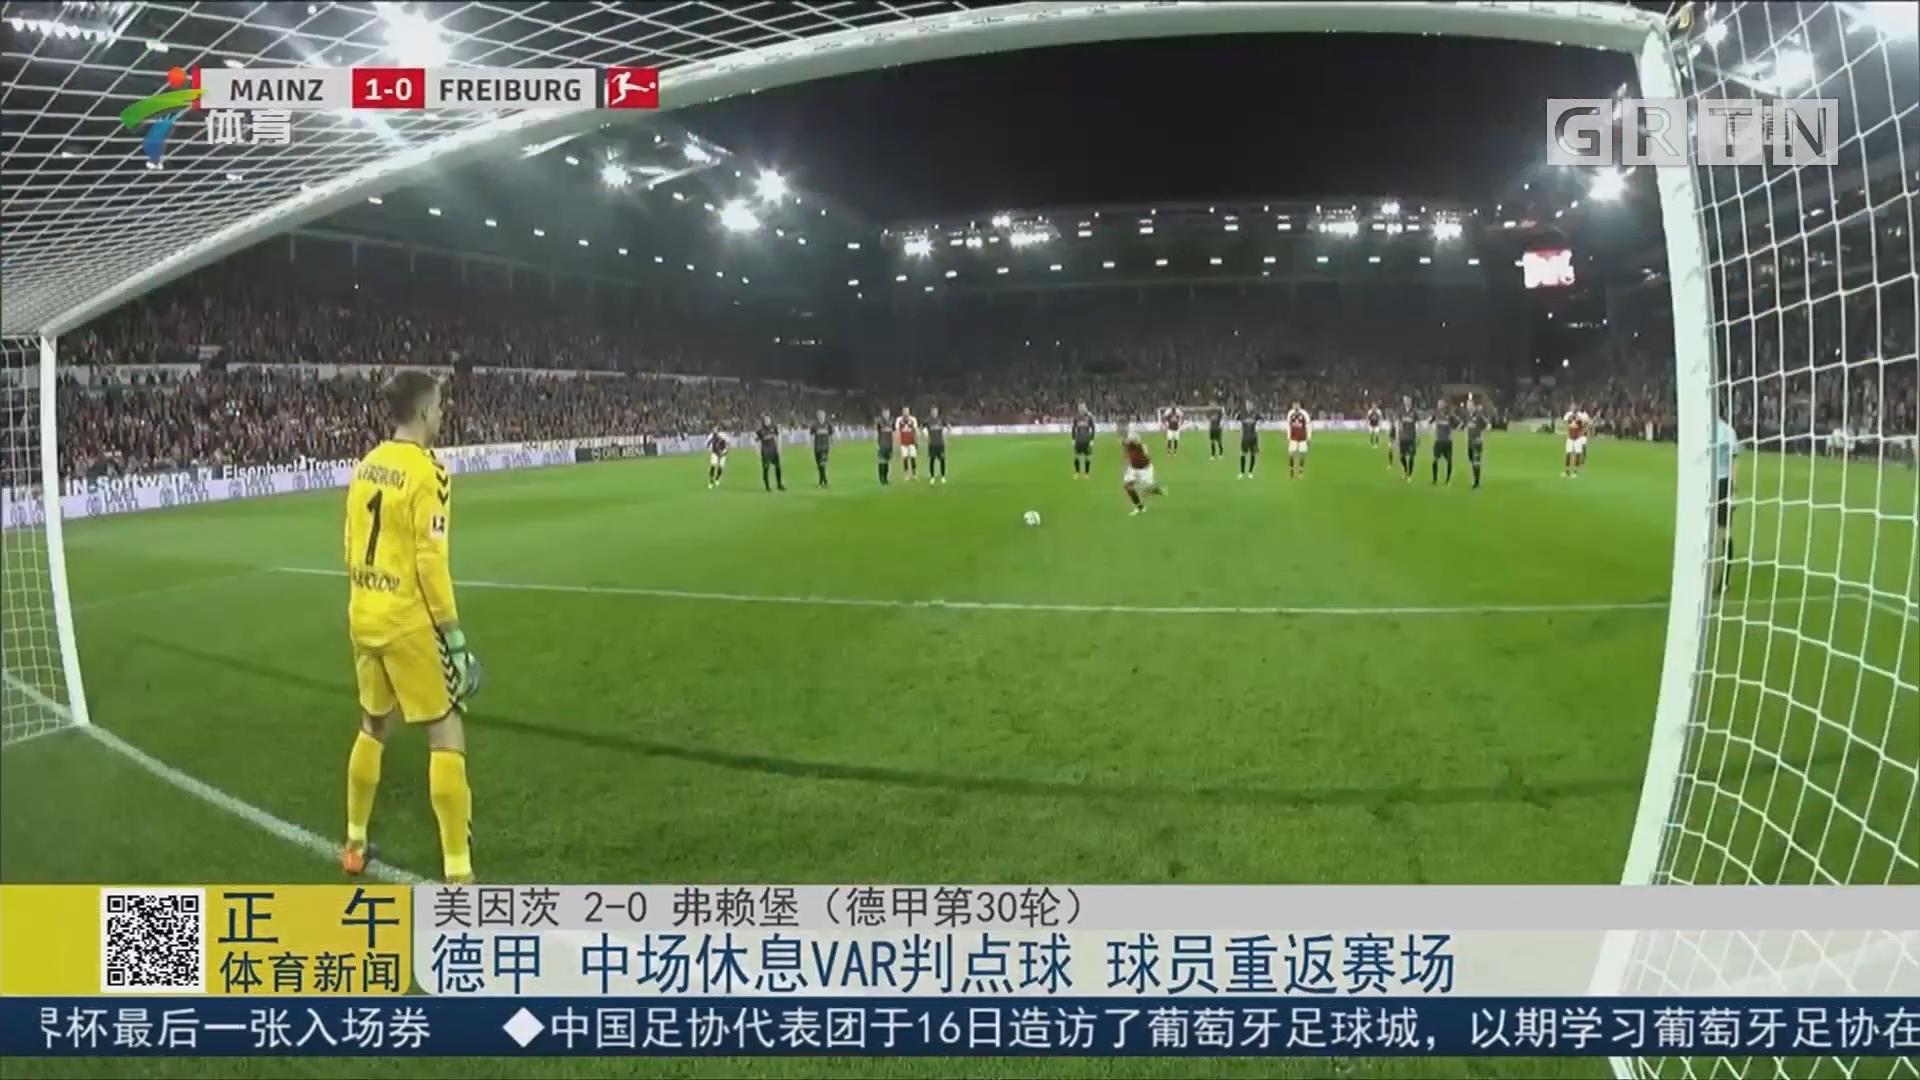 德甲 中场休息VCR判点球 球员重返赛场